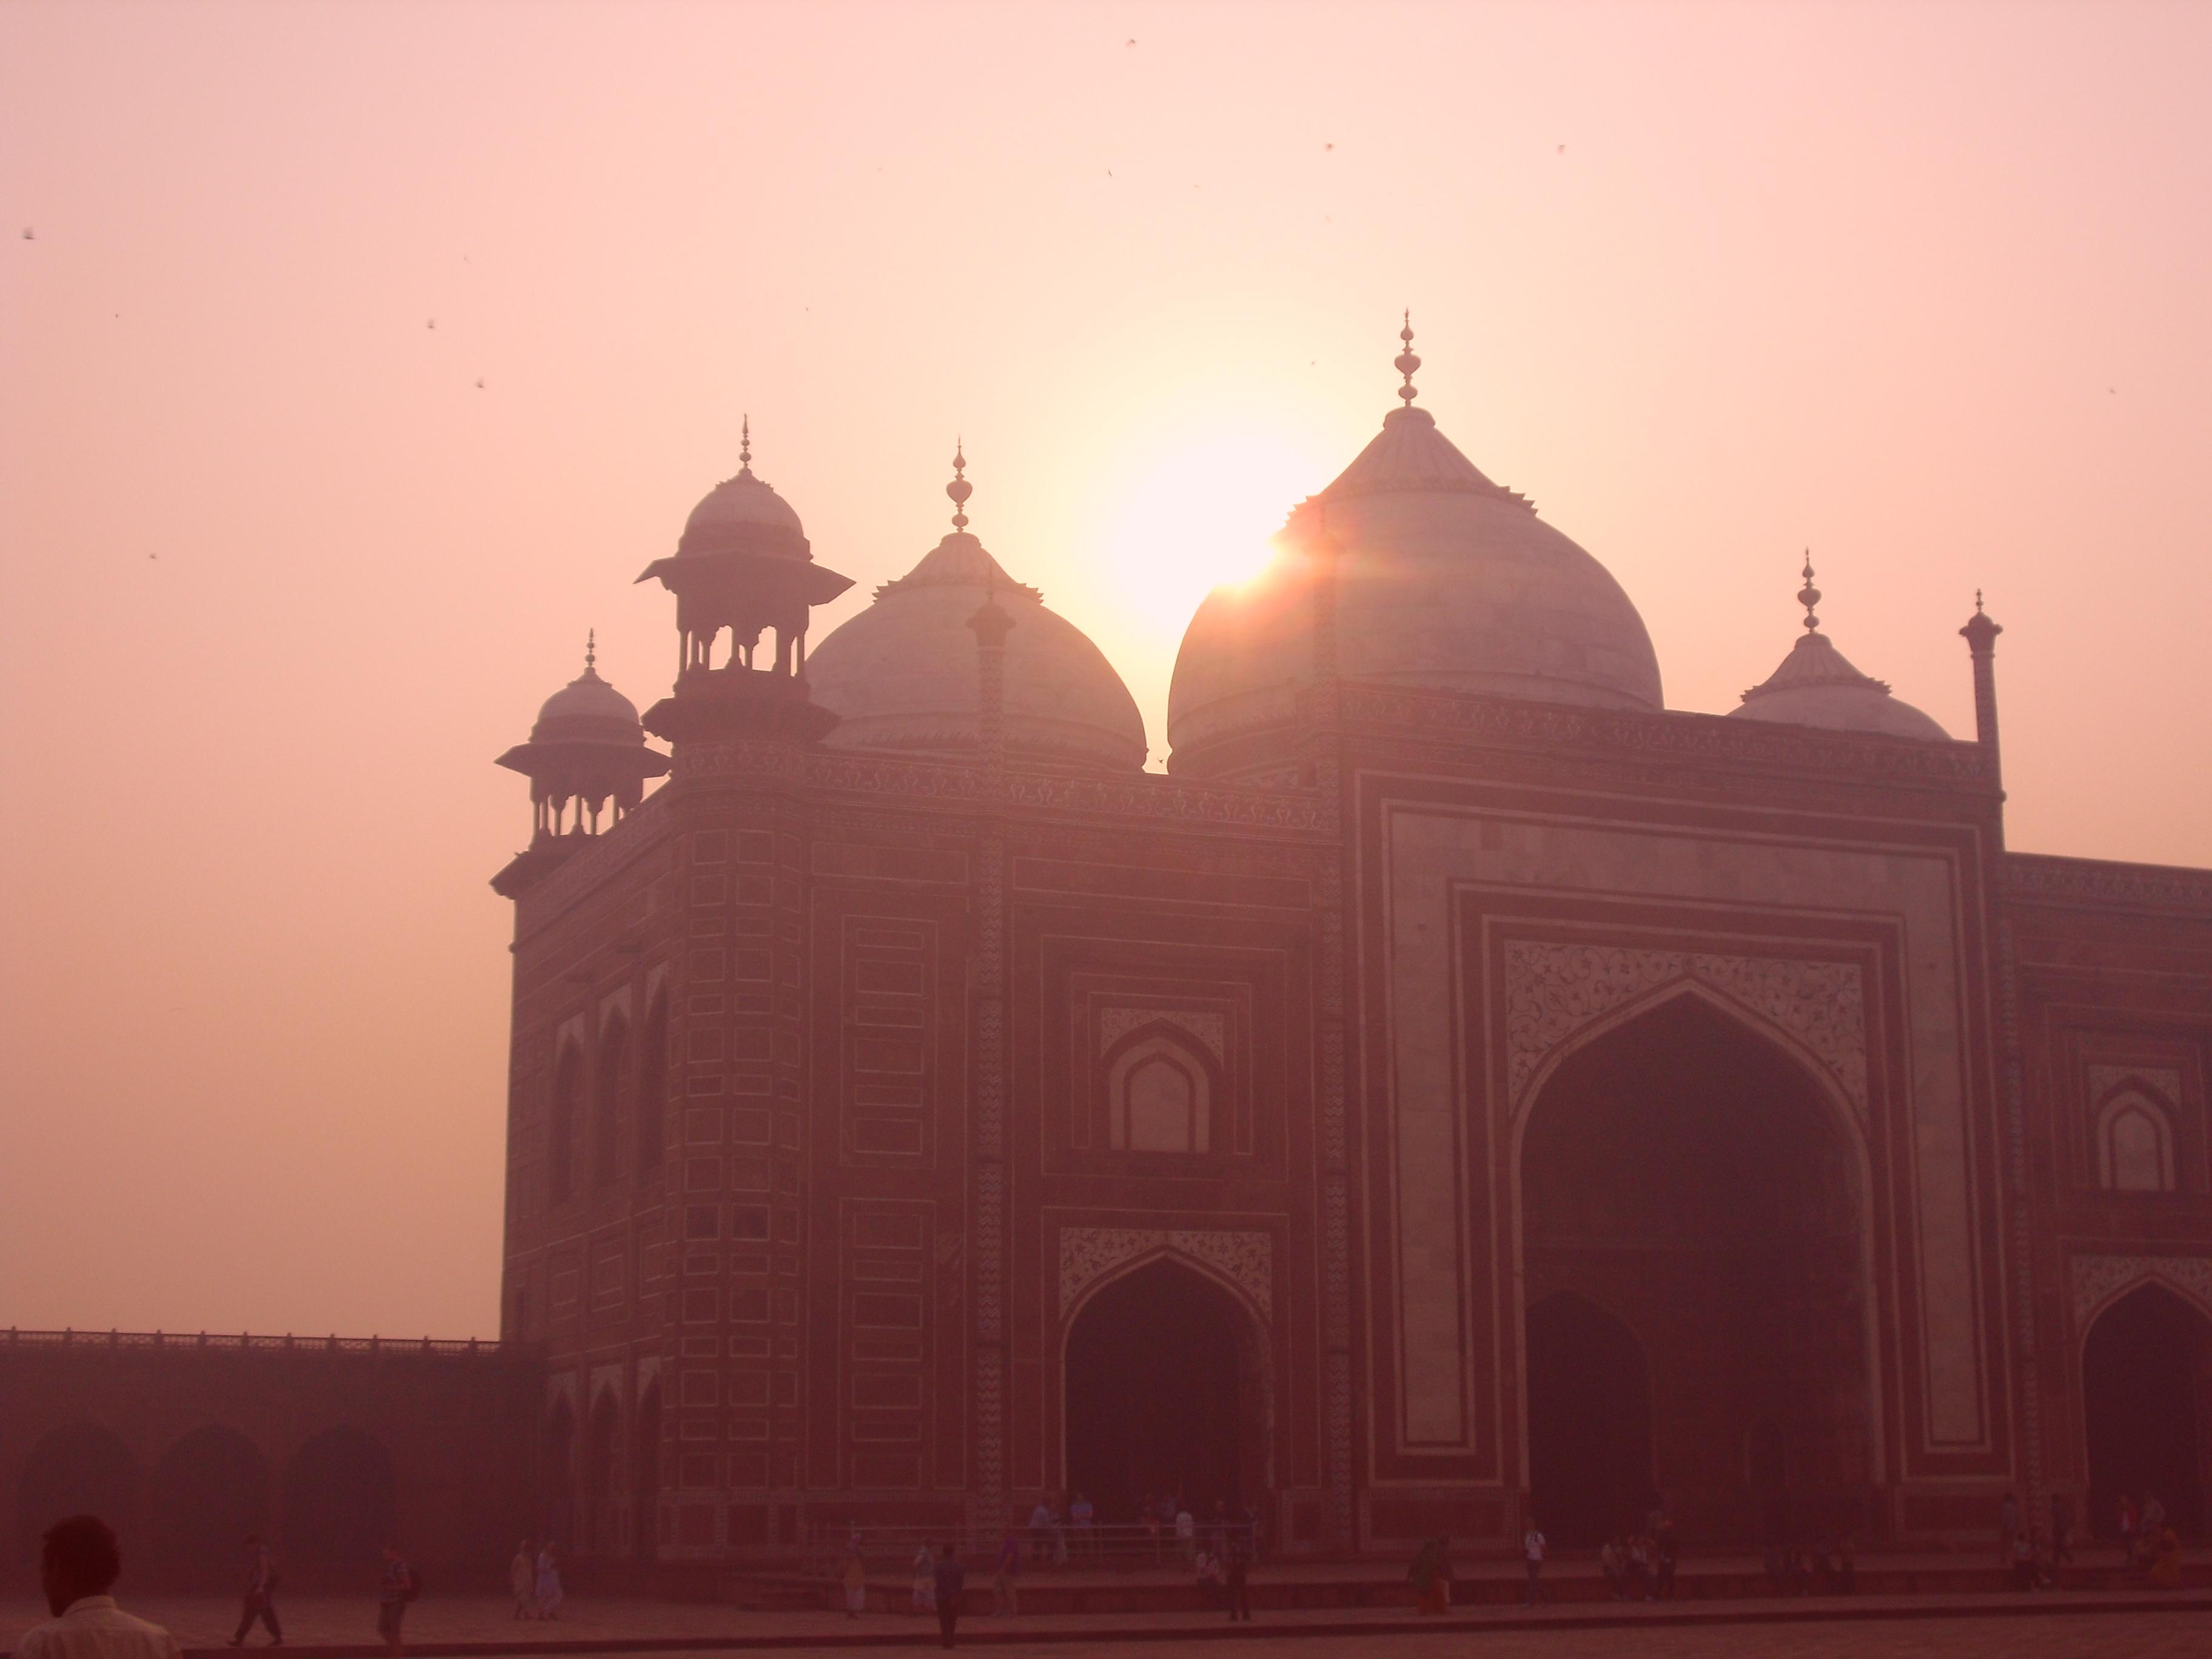 mosquée taj mahal